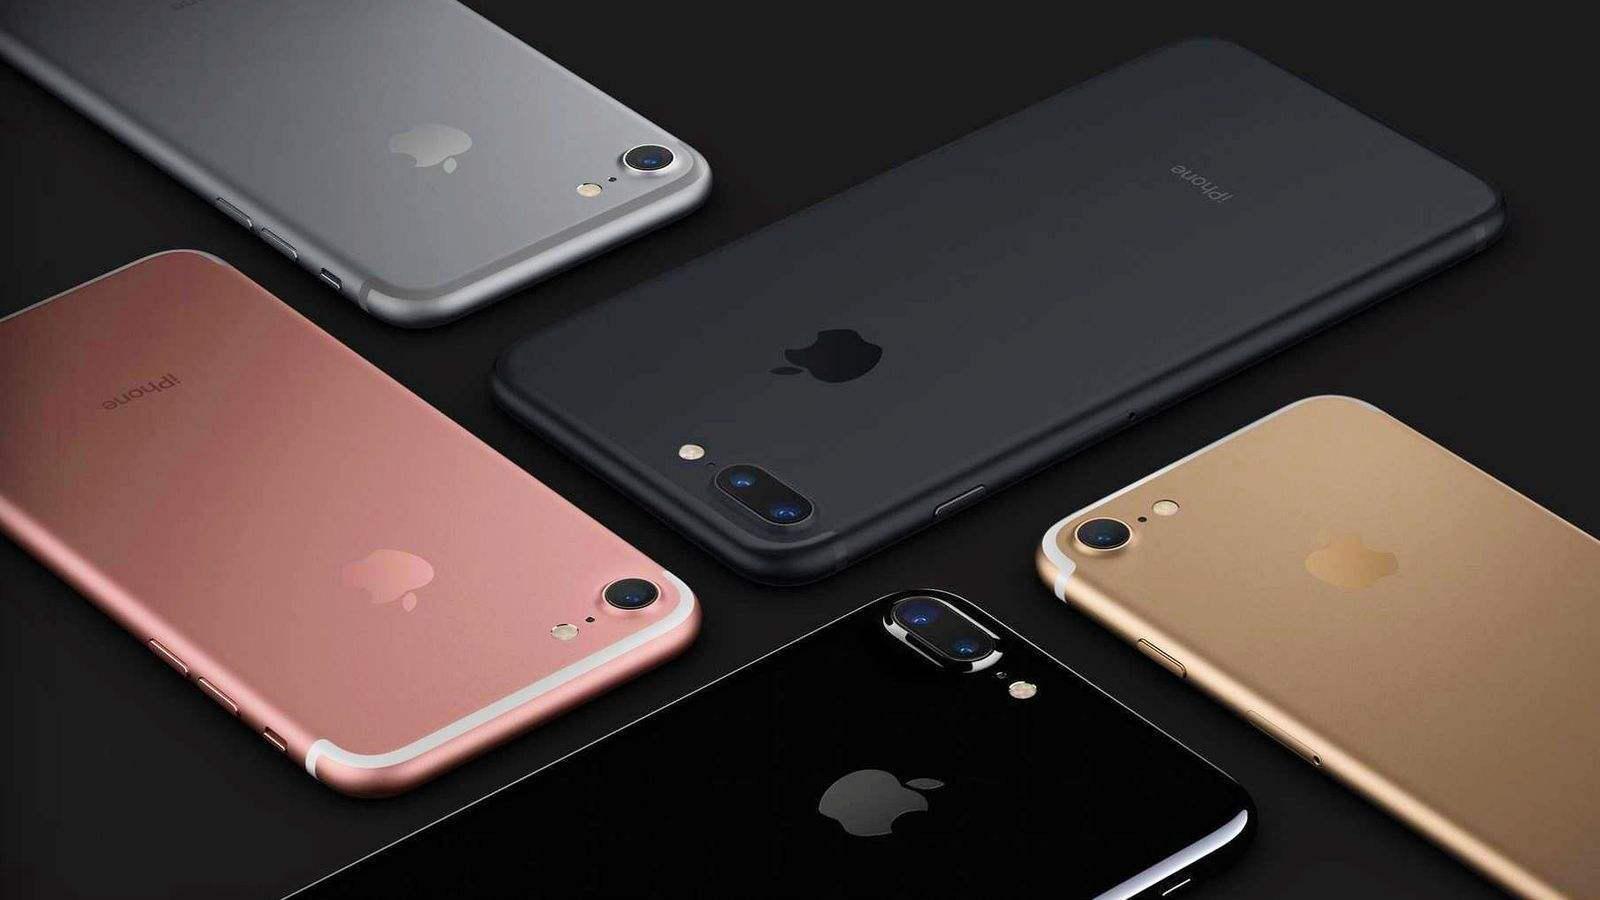 苹果手机.jfif